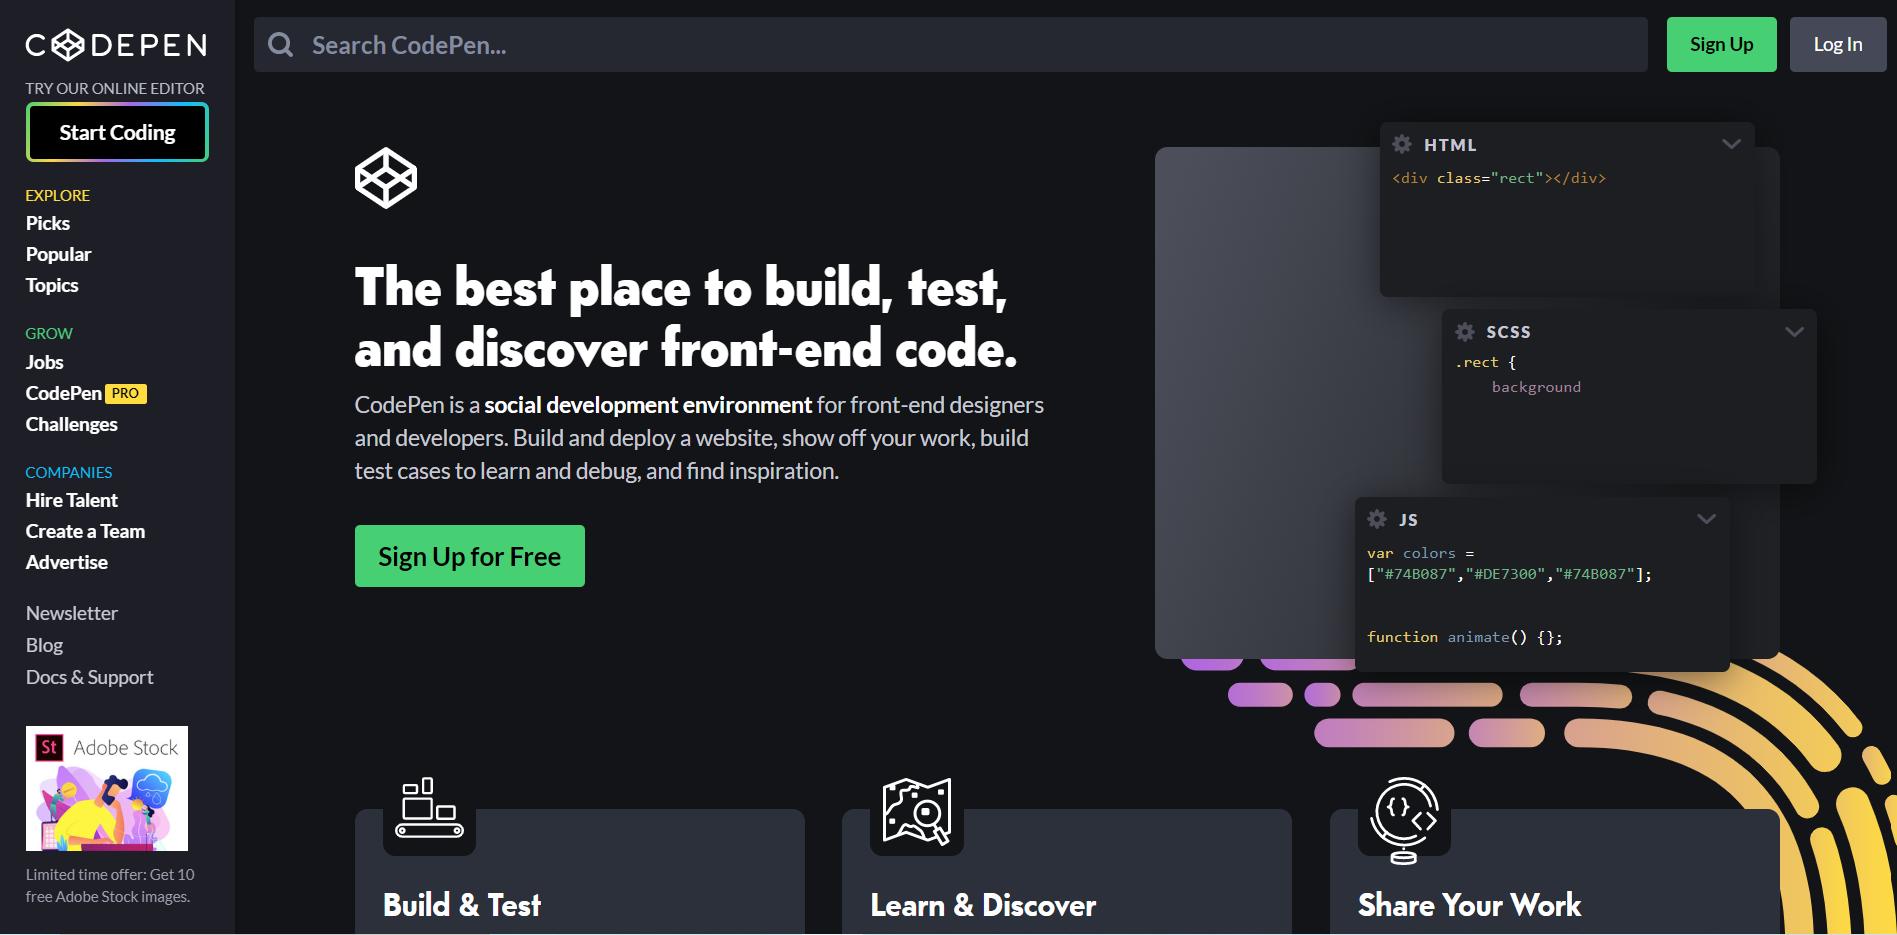 CodePen website